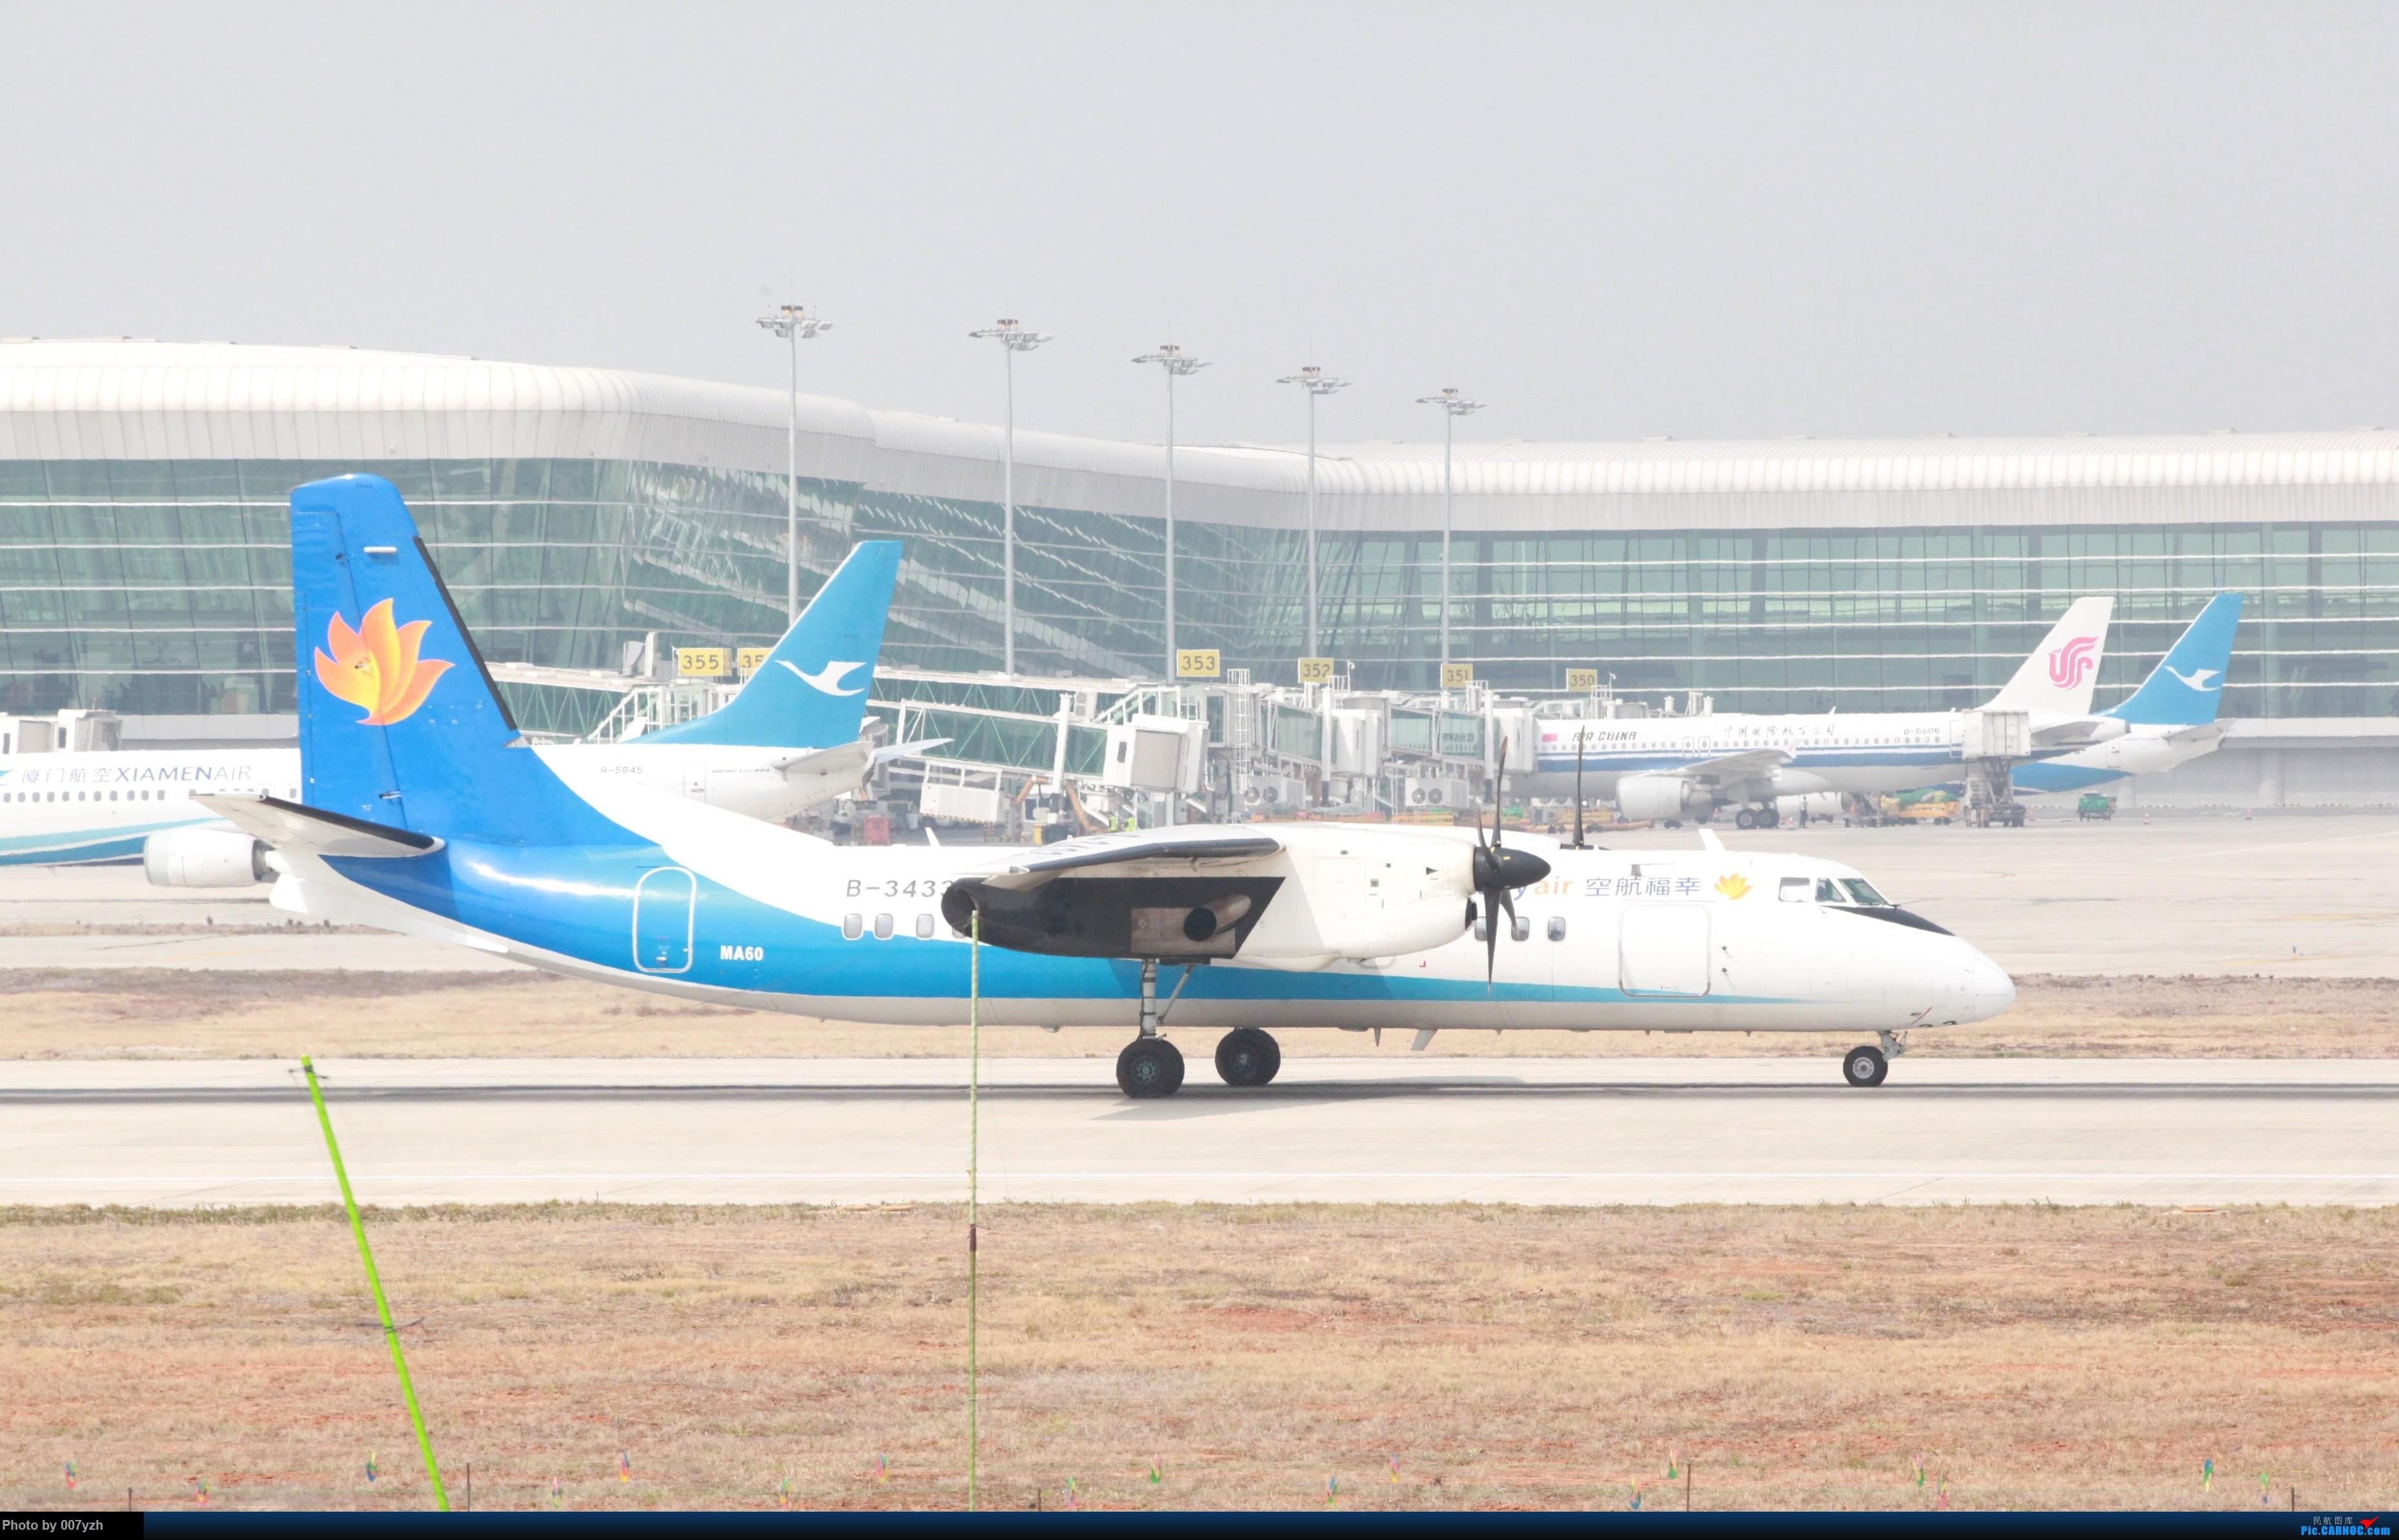 Re:[原创]WUH小拍,终于找到了在WUH拍机的组织 XIAN AIRCRAFT MA 60 B-3433 中国武汉天河国际机场